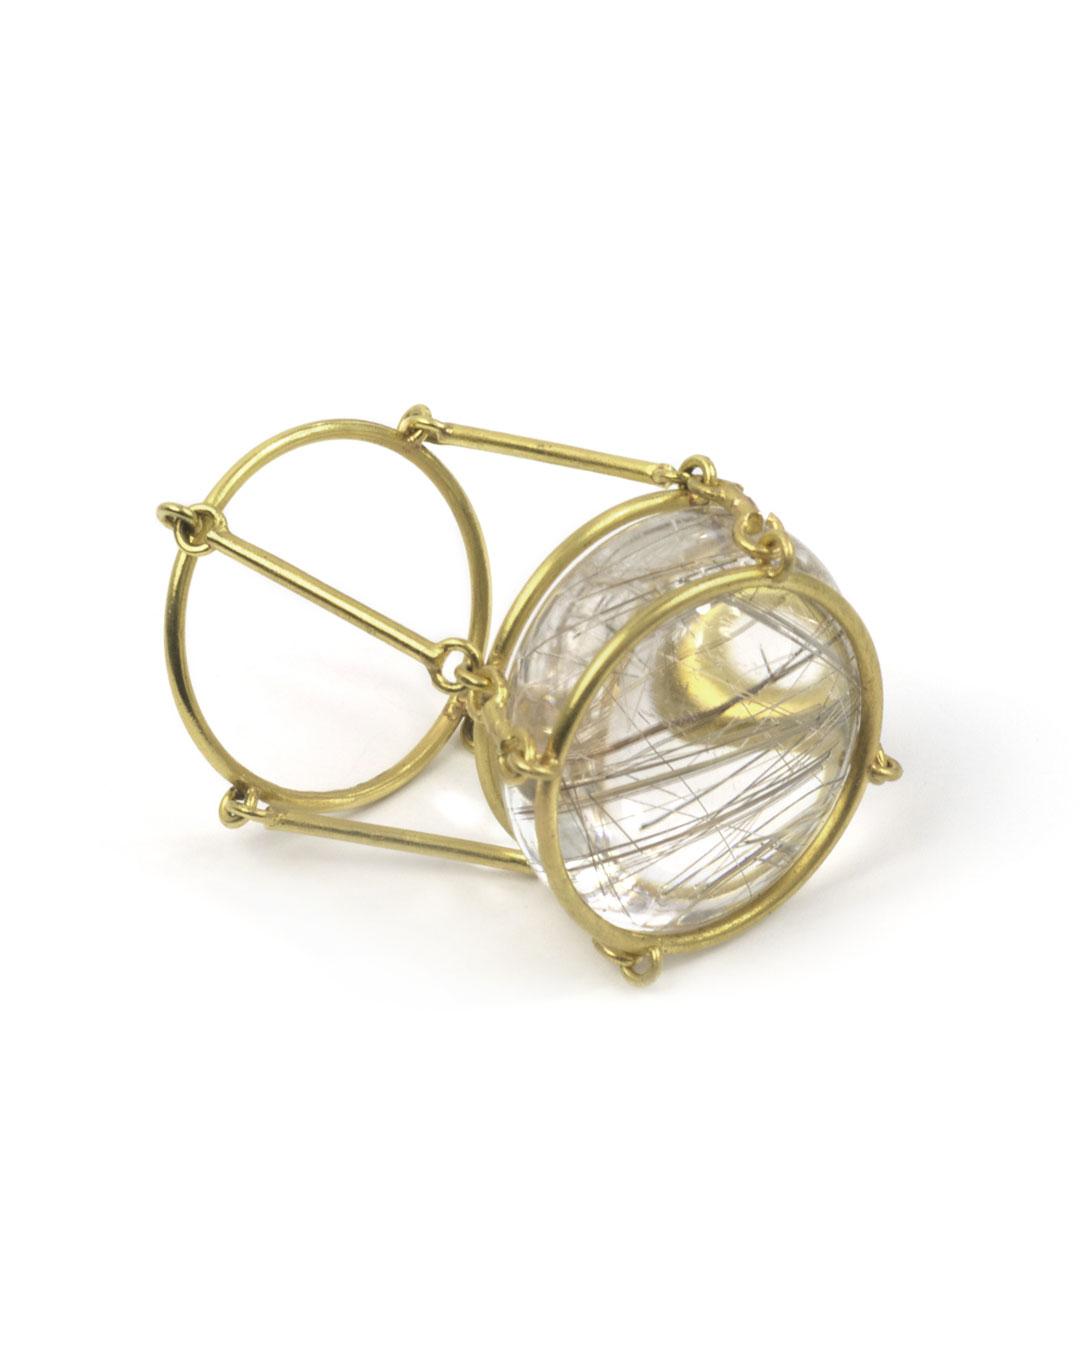 Etsuko Sonobe, untitled, 2006, ring; 20ct gold, rutile quartz, 28 x 21 mm, €1550